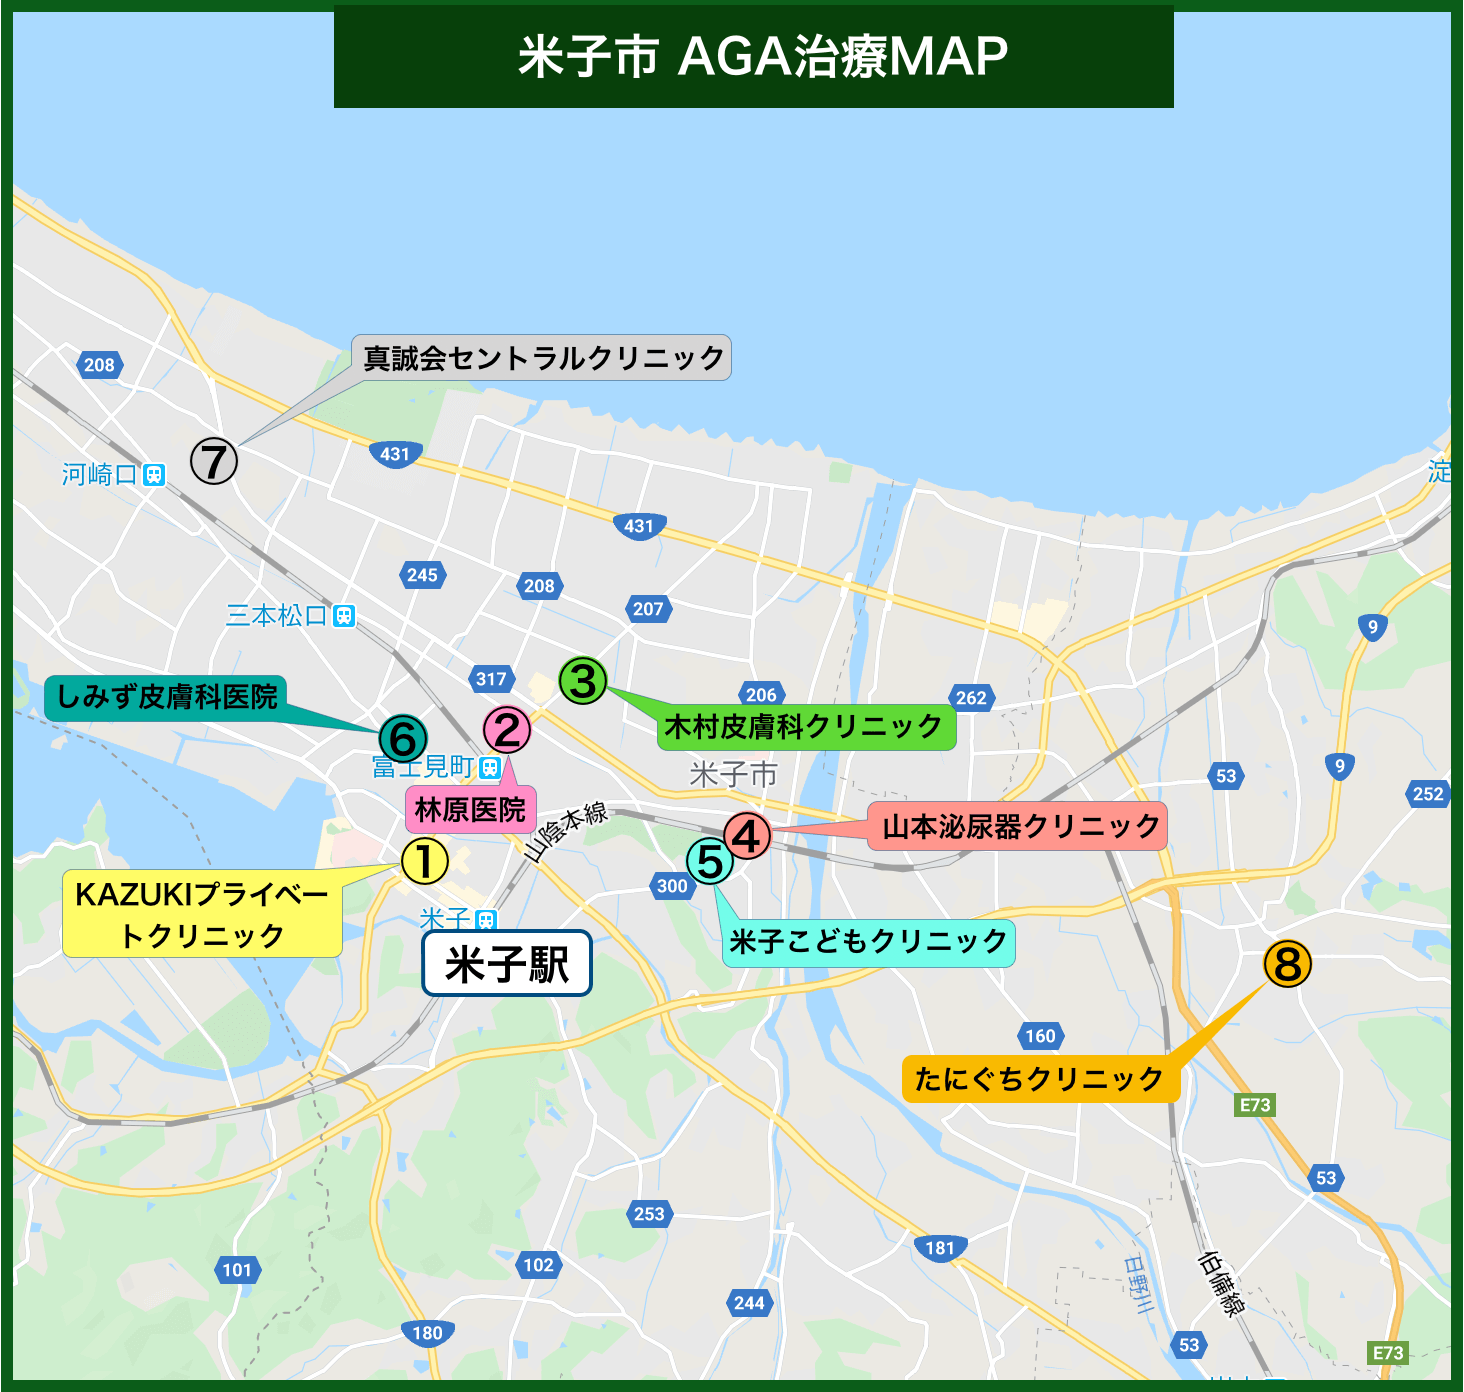 米子市 AGA治療MAP